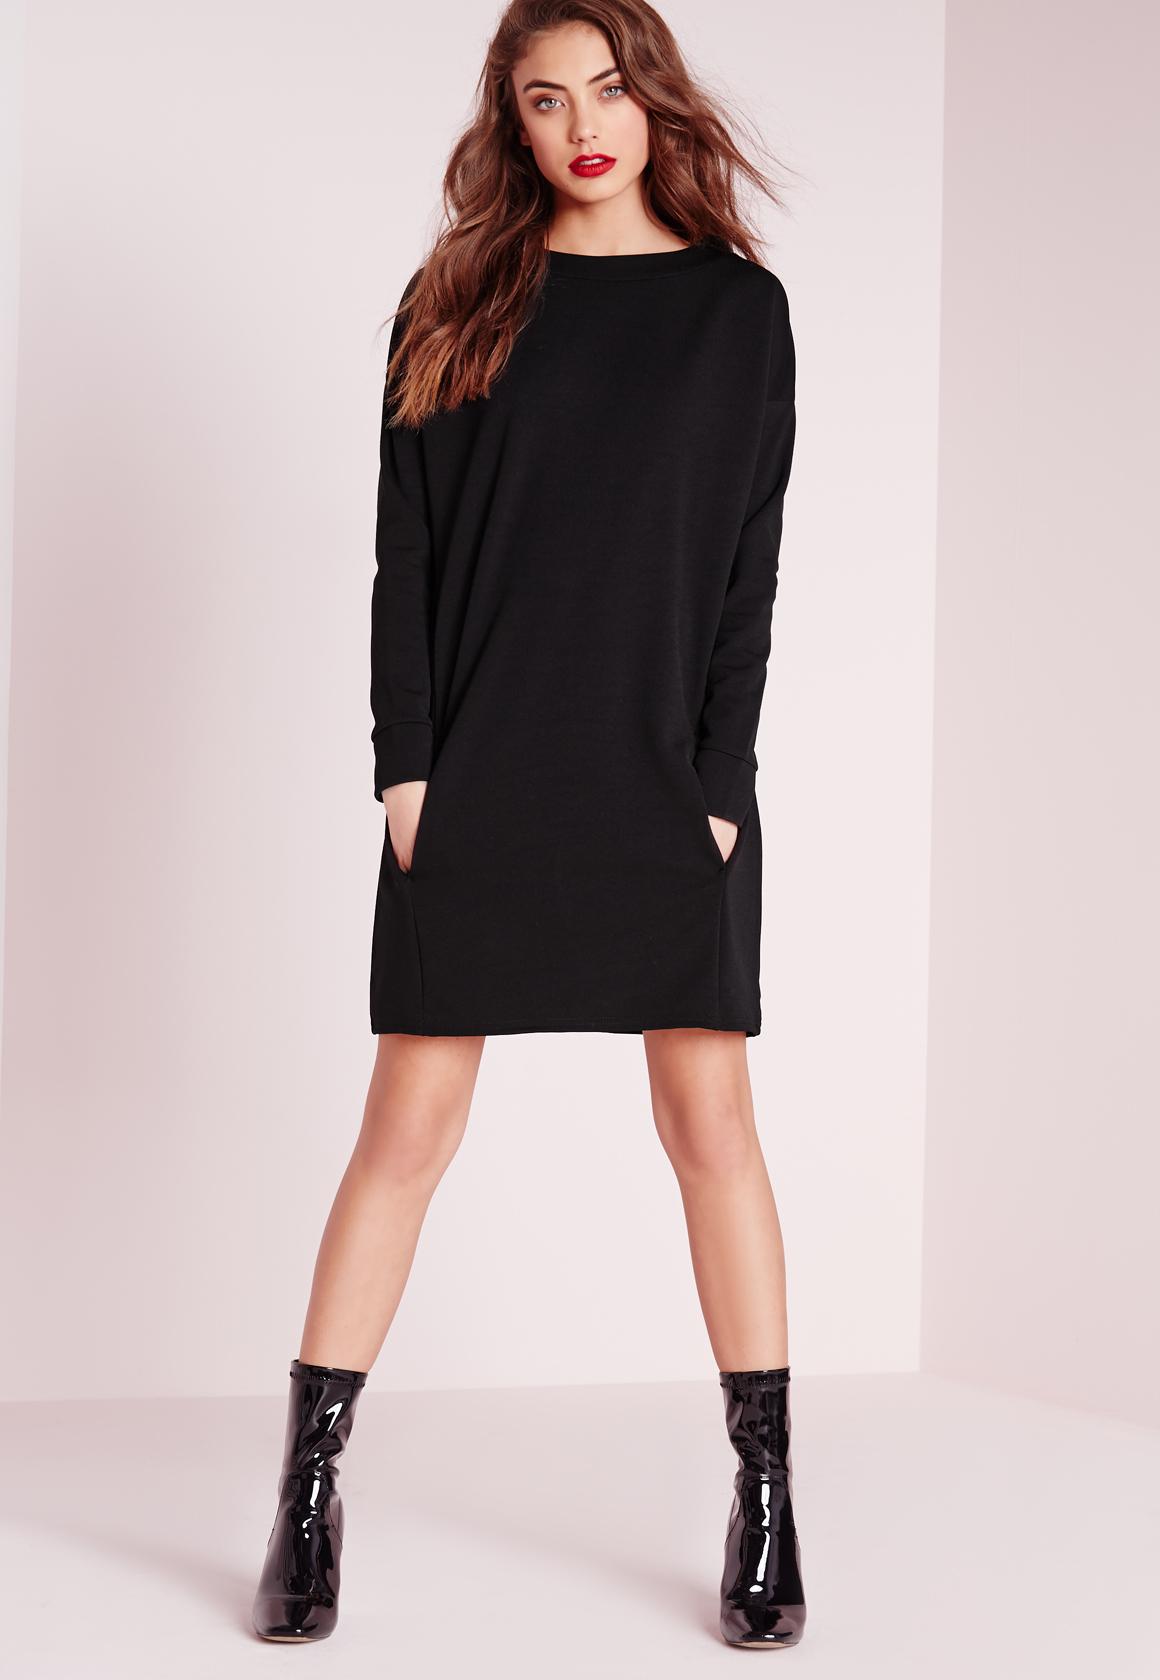 Missguided Pocket Front Jumper Dress Black In Black | Lyst